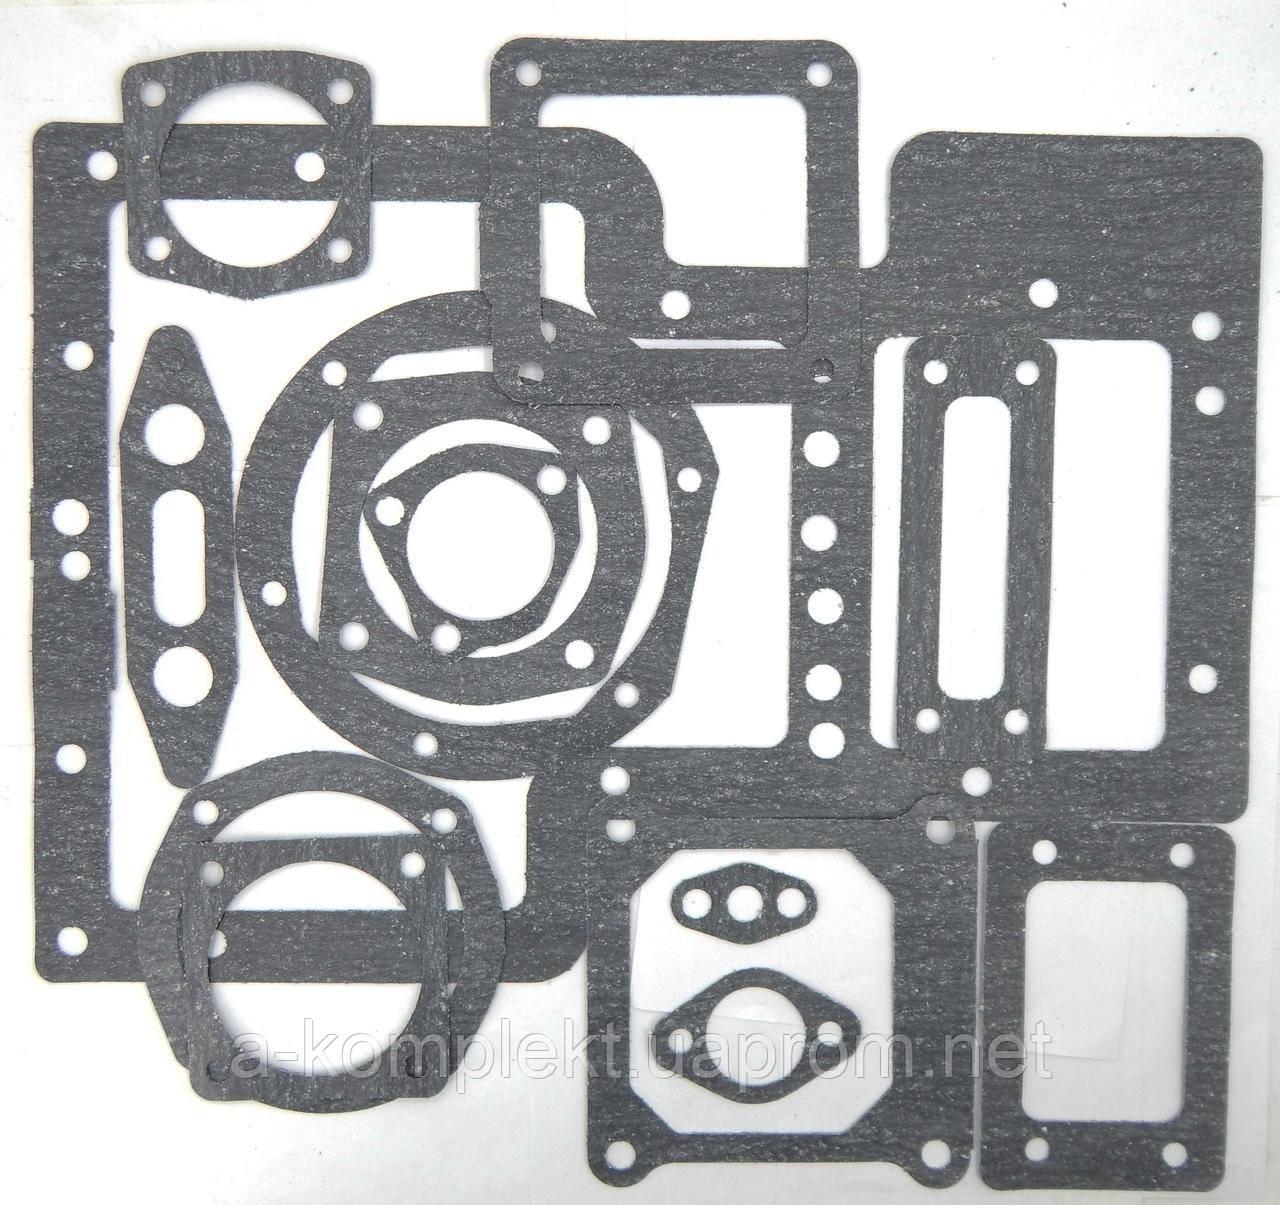 Набор прокладок КПП Т-16 из паронита (арт.1950п)